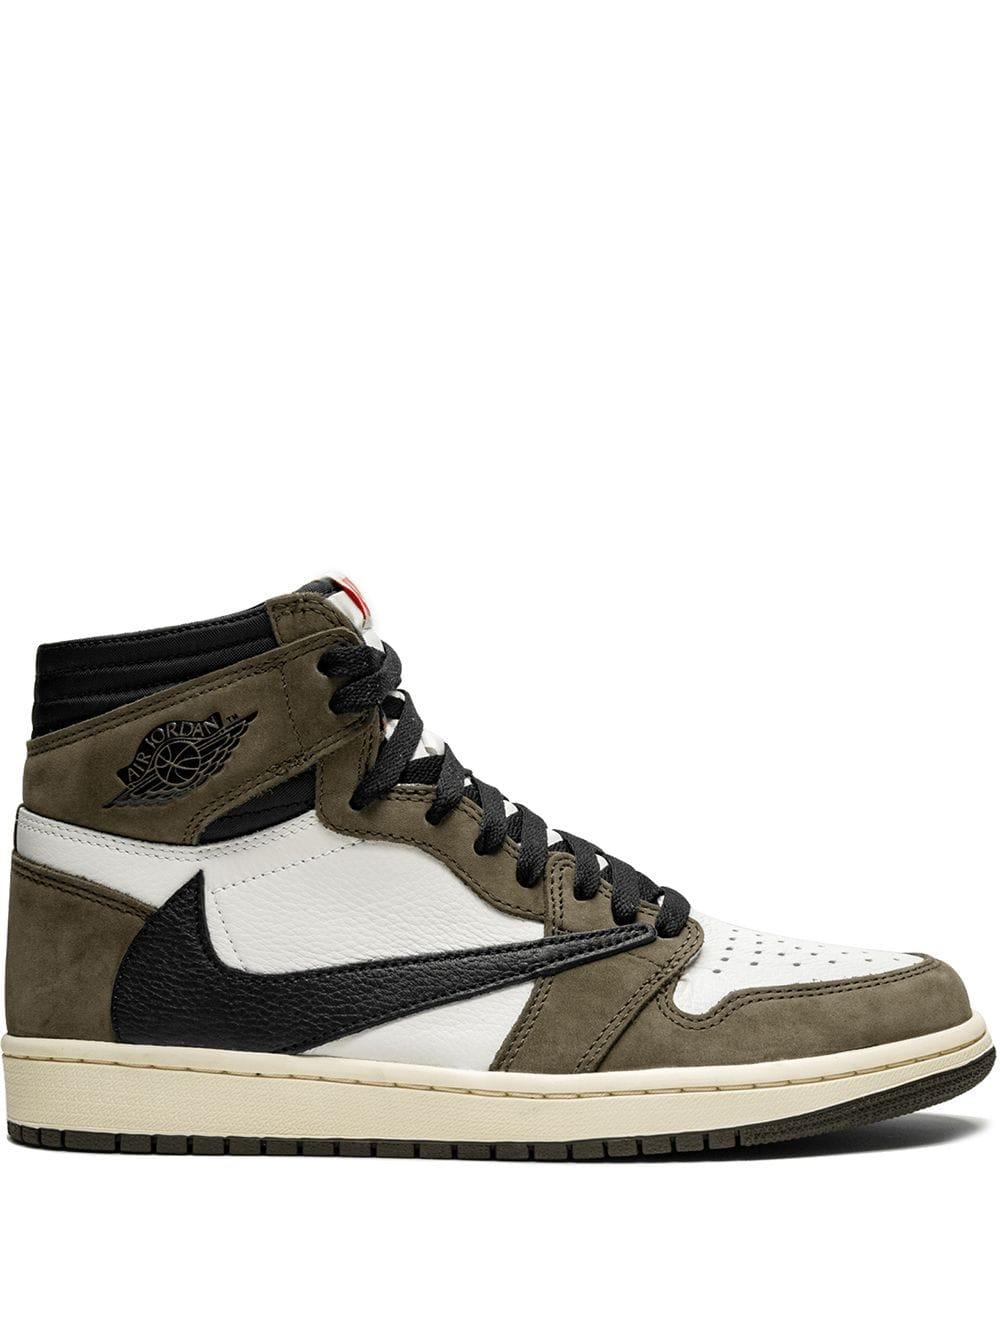 X Travis Scott Air Jordan 1 Hi Og Sneakers With Images Air